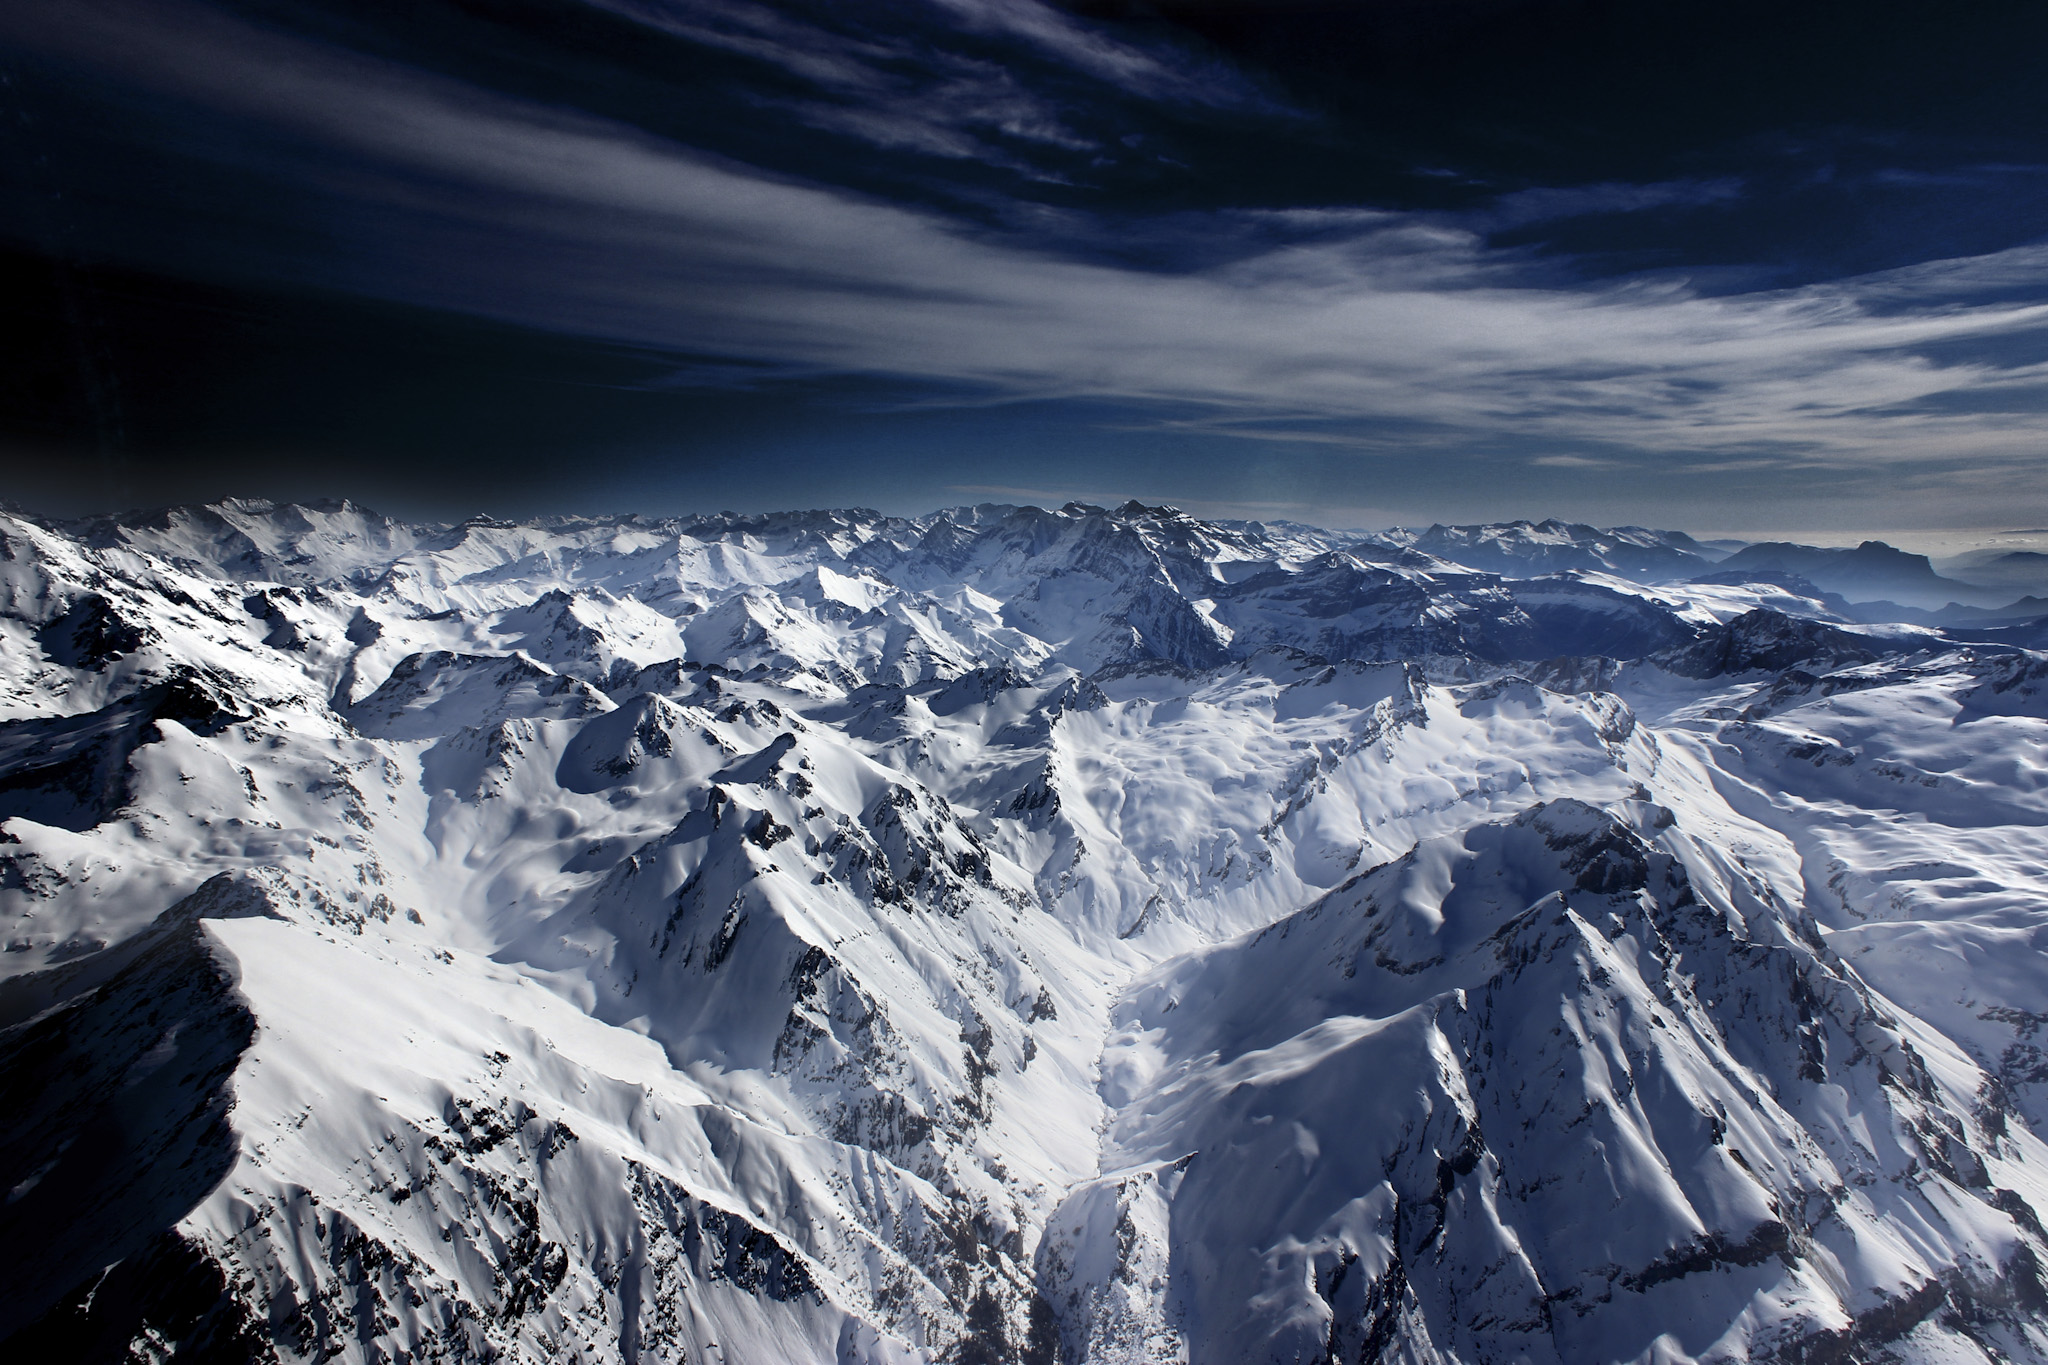 Pirineo central desde la vertical de Panticosa - Otras montañas - Fotos del Valle del Aragón, Mikel Besga